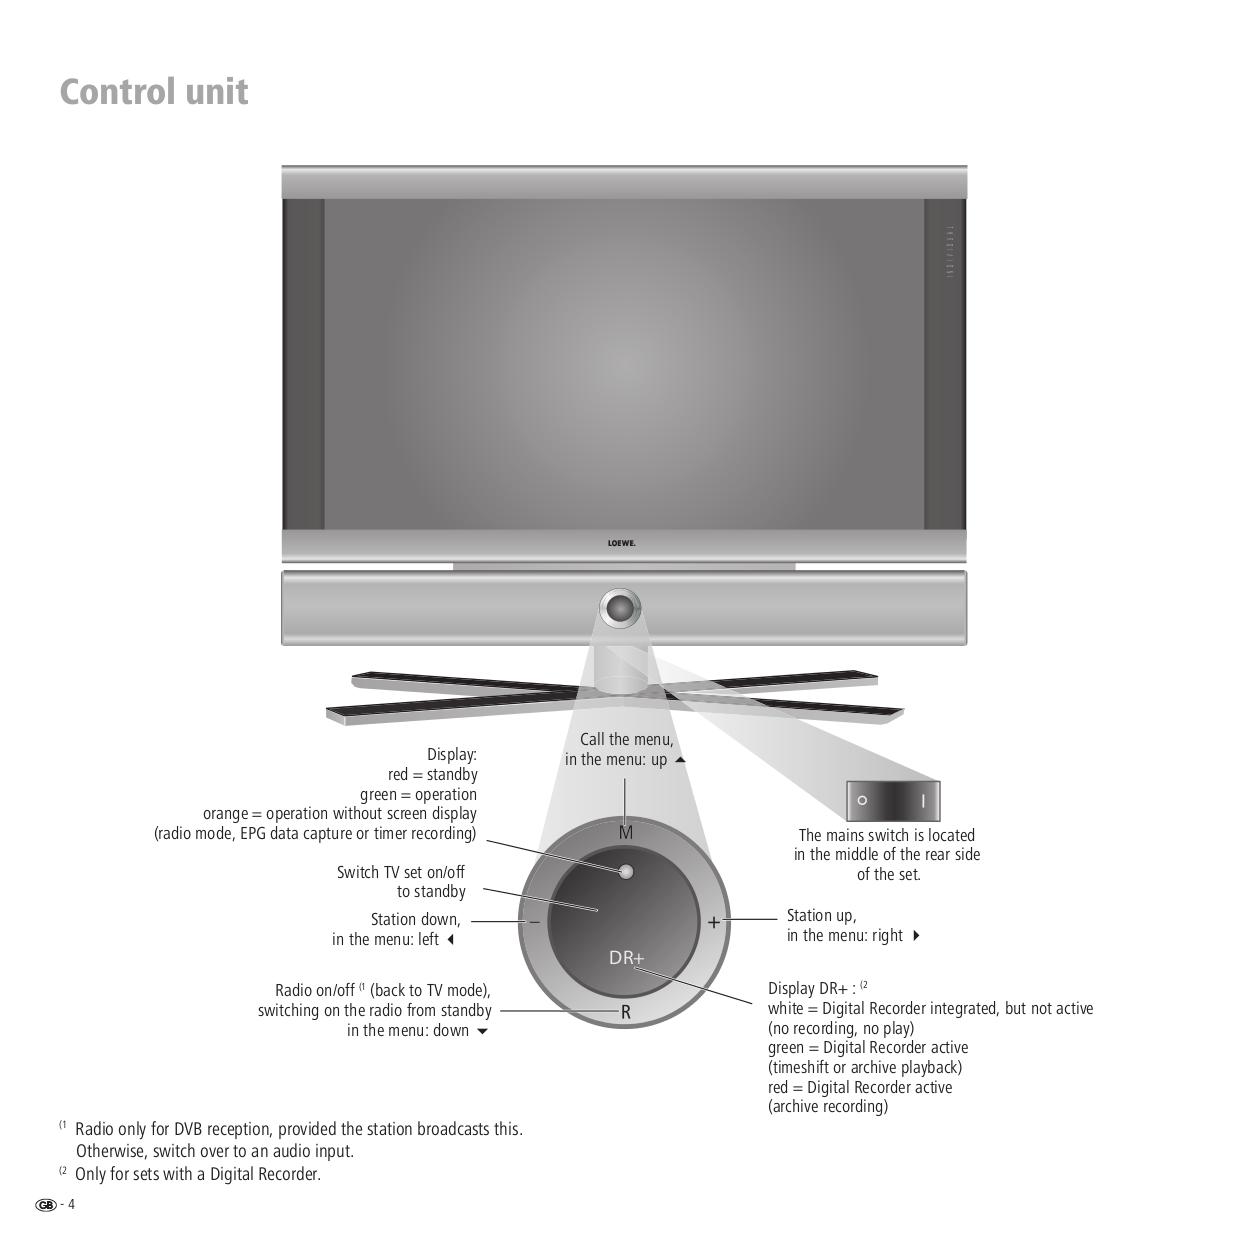 pdf manual for sansui tv hdlcd1900 rh umlib com Sansui 5000A Schematic Sansui Sr 717 Turntable Manual